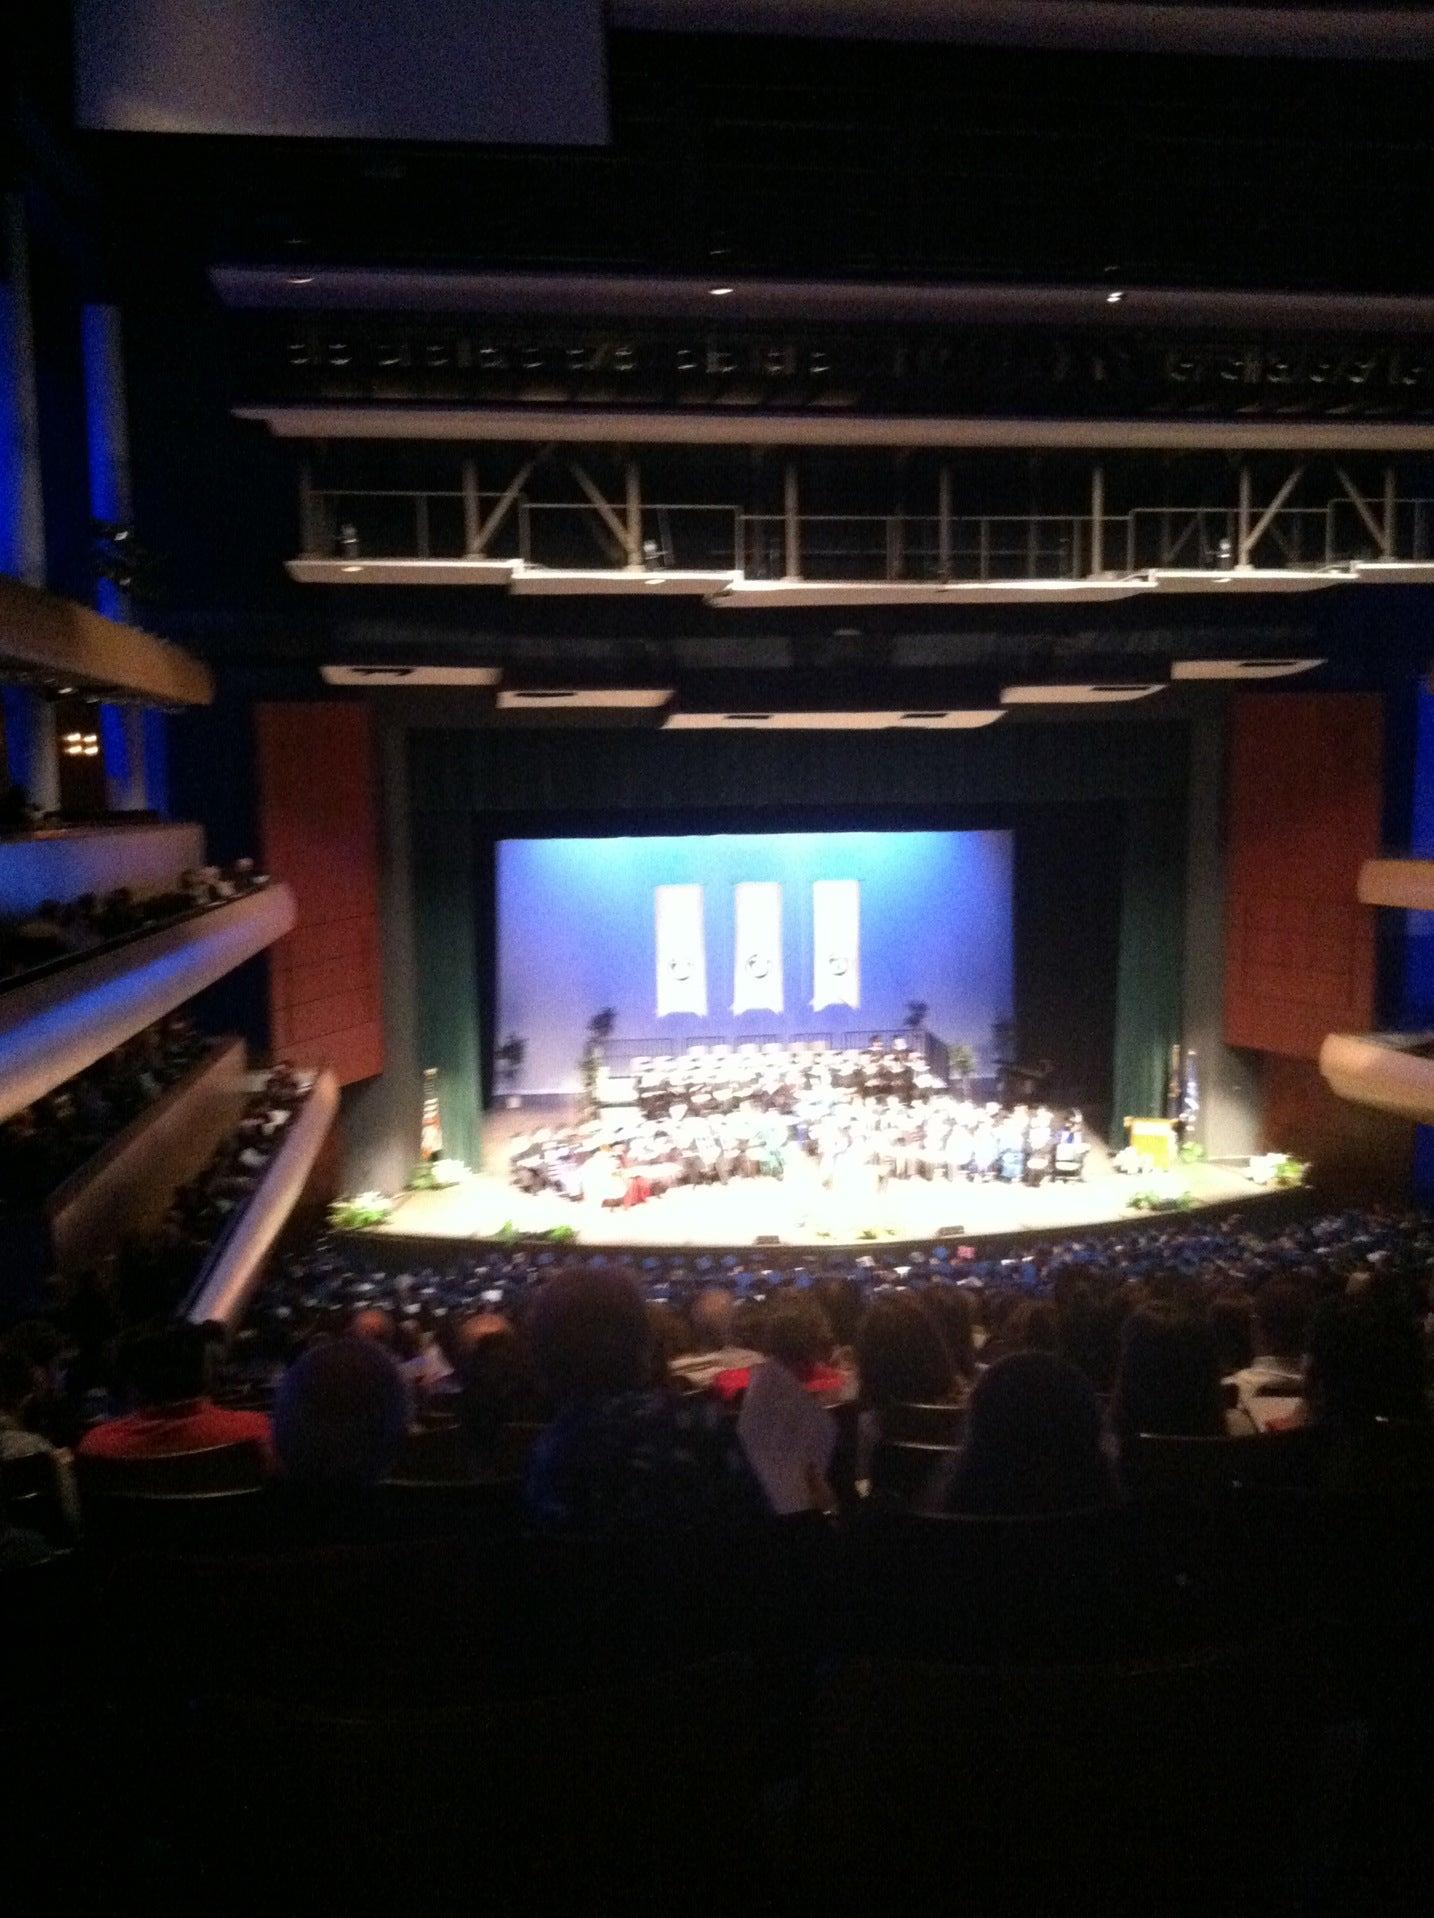 Devos Performance Hall Grand Rapids Tickets Schedule